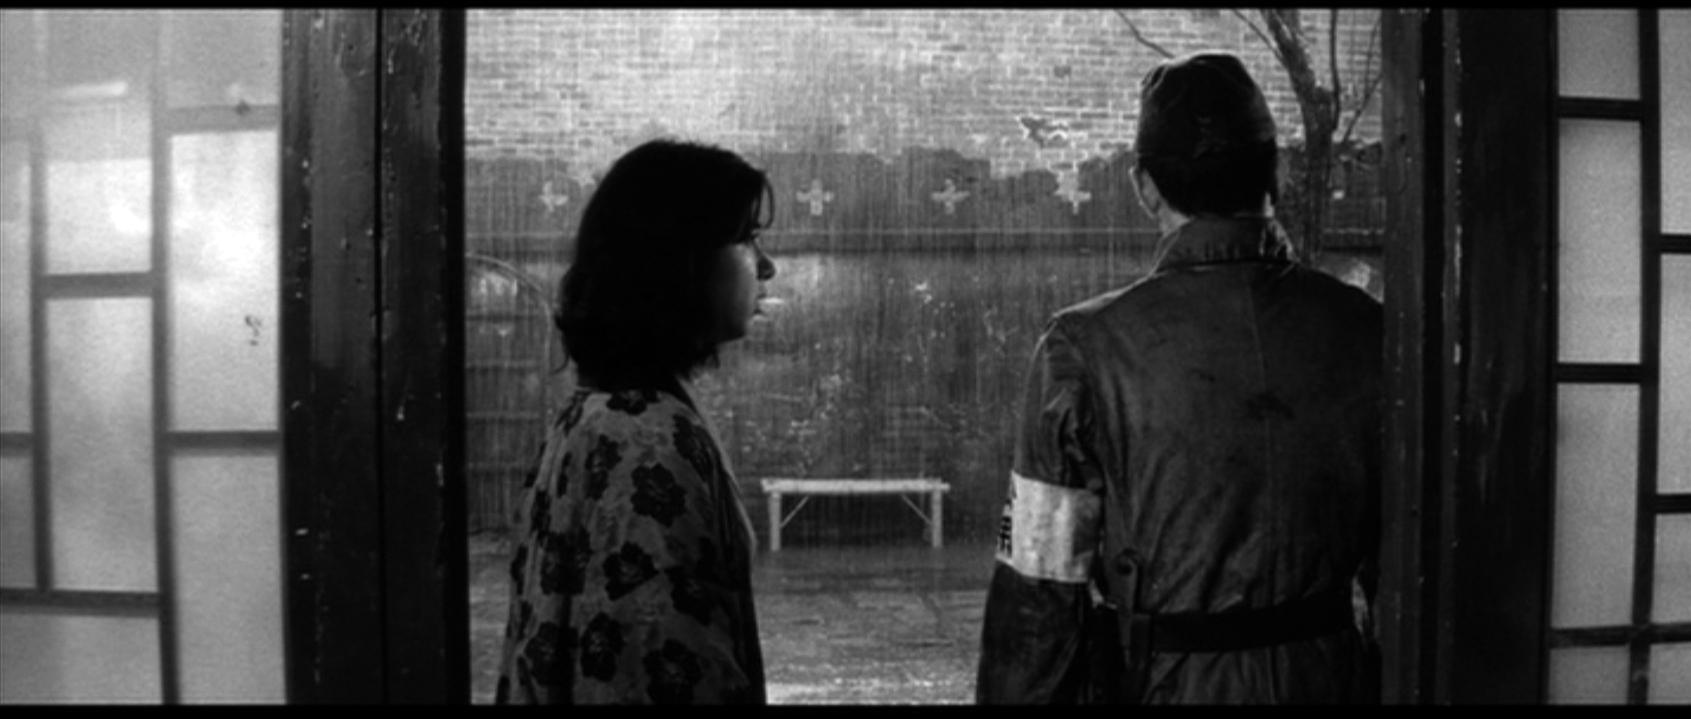 野川由美子(のがわ・ゆみこ)「春婦伝」(1965)・・・其の参